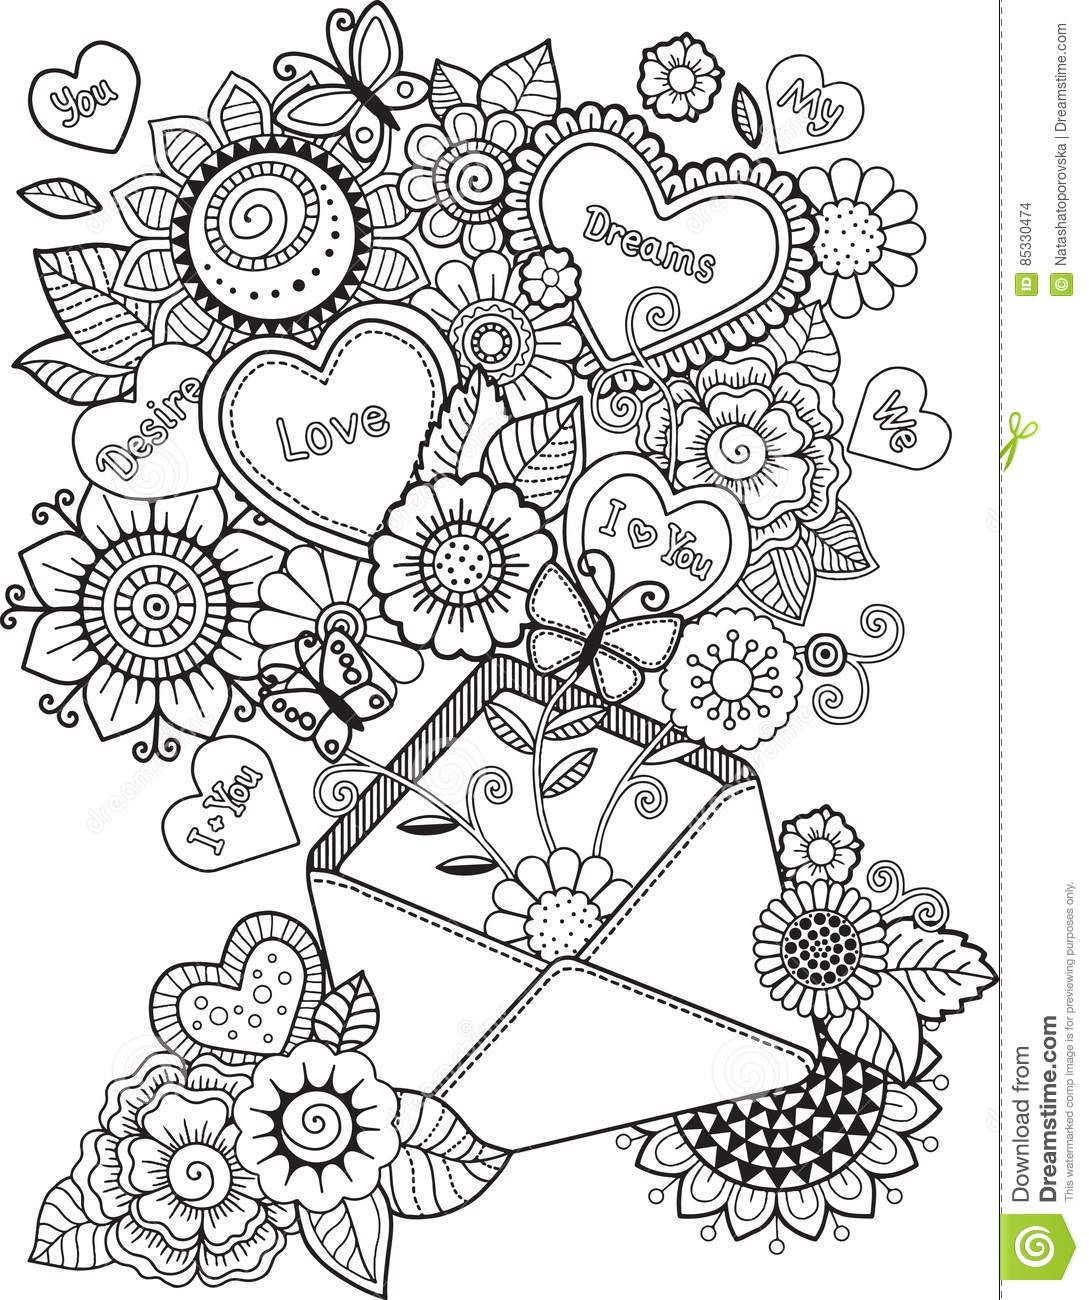 pin van barbara op coloring heart love  kleurplaten